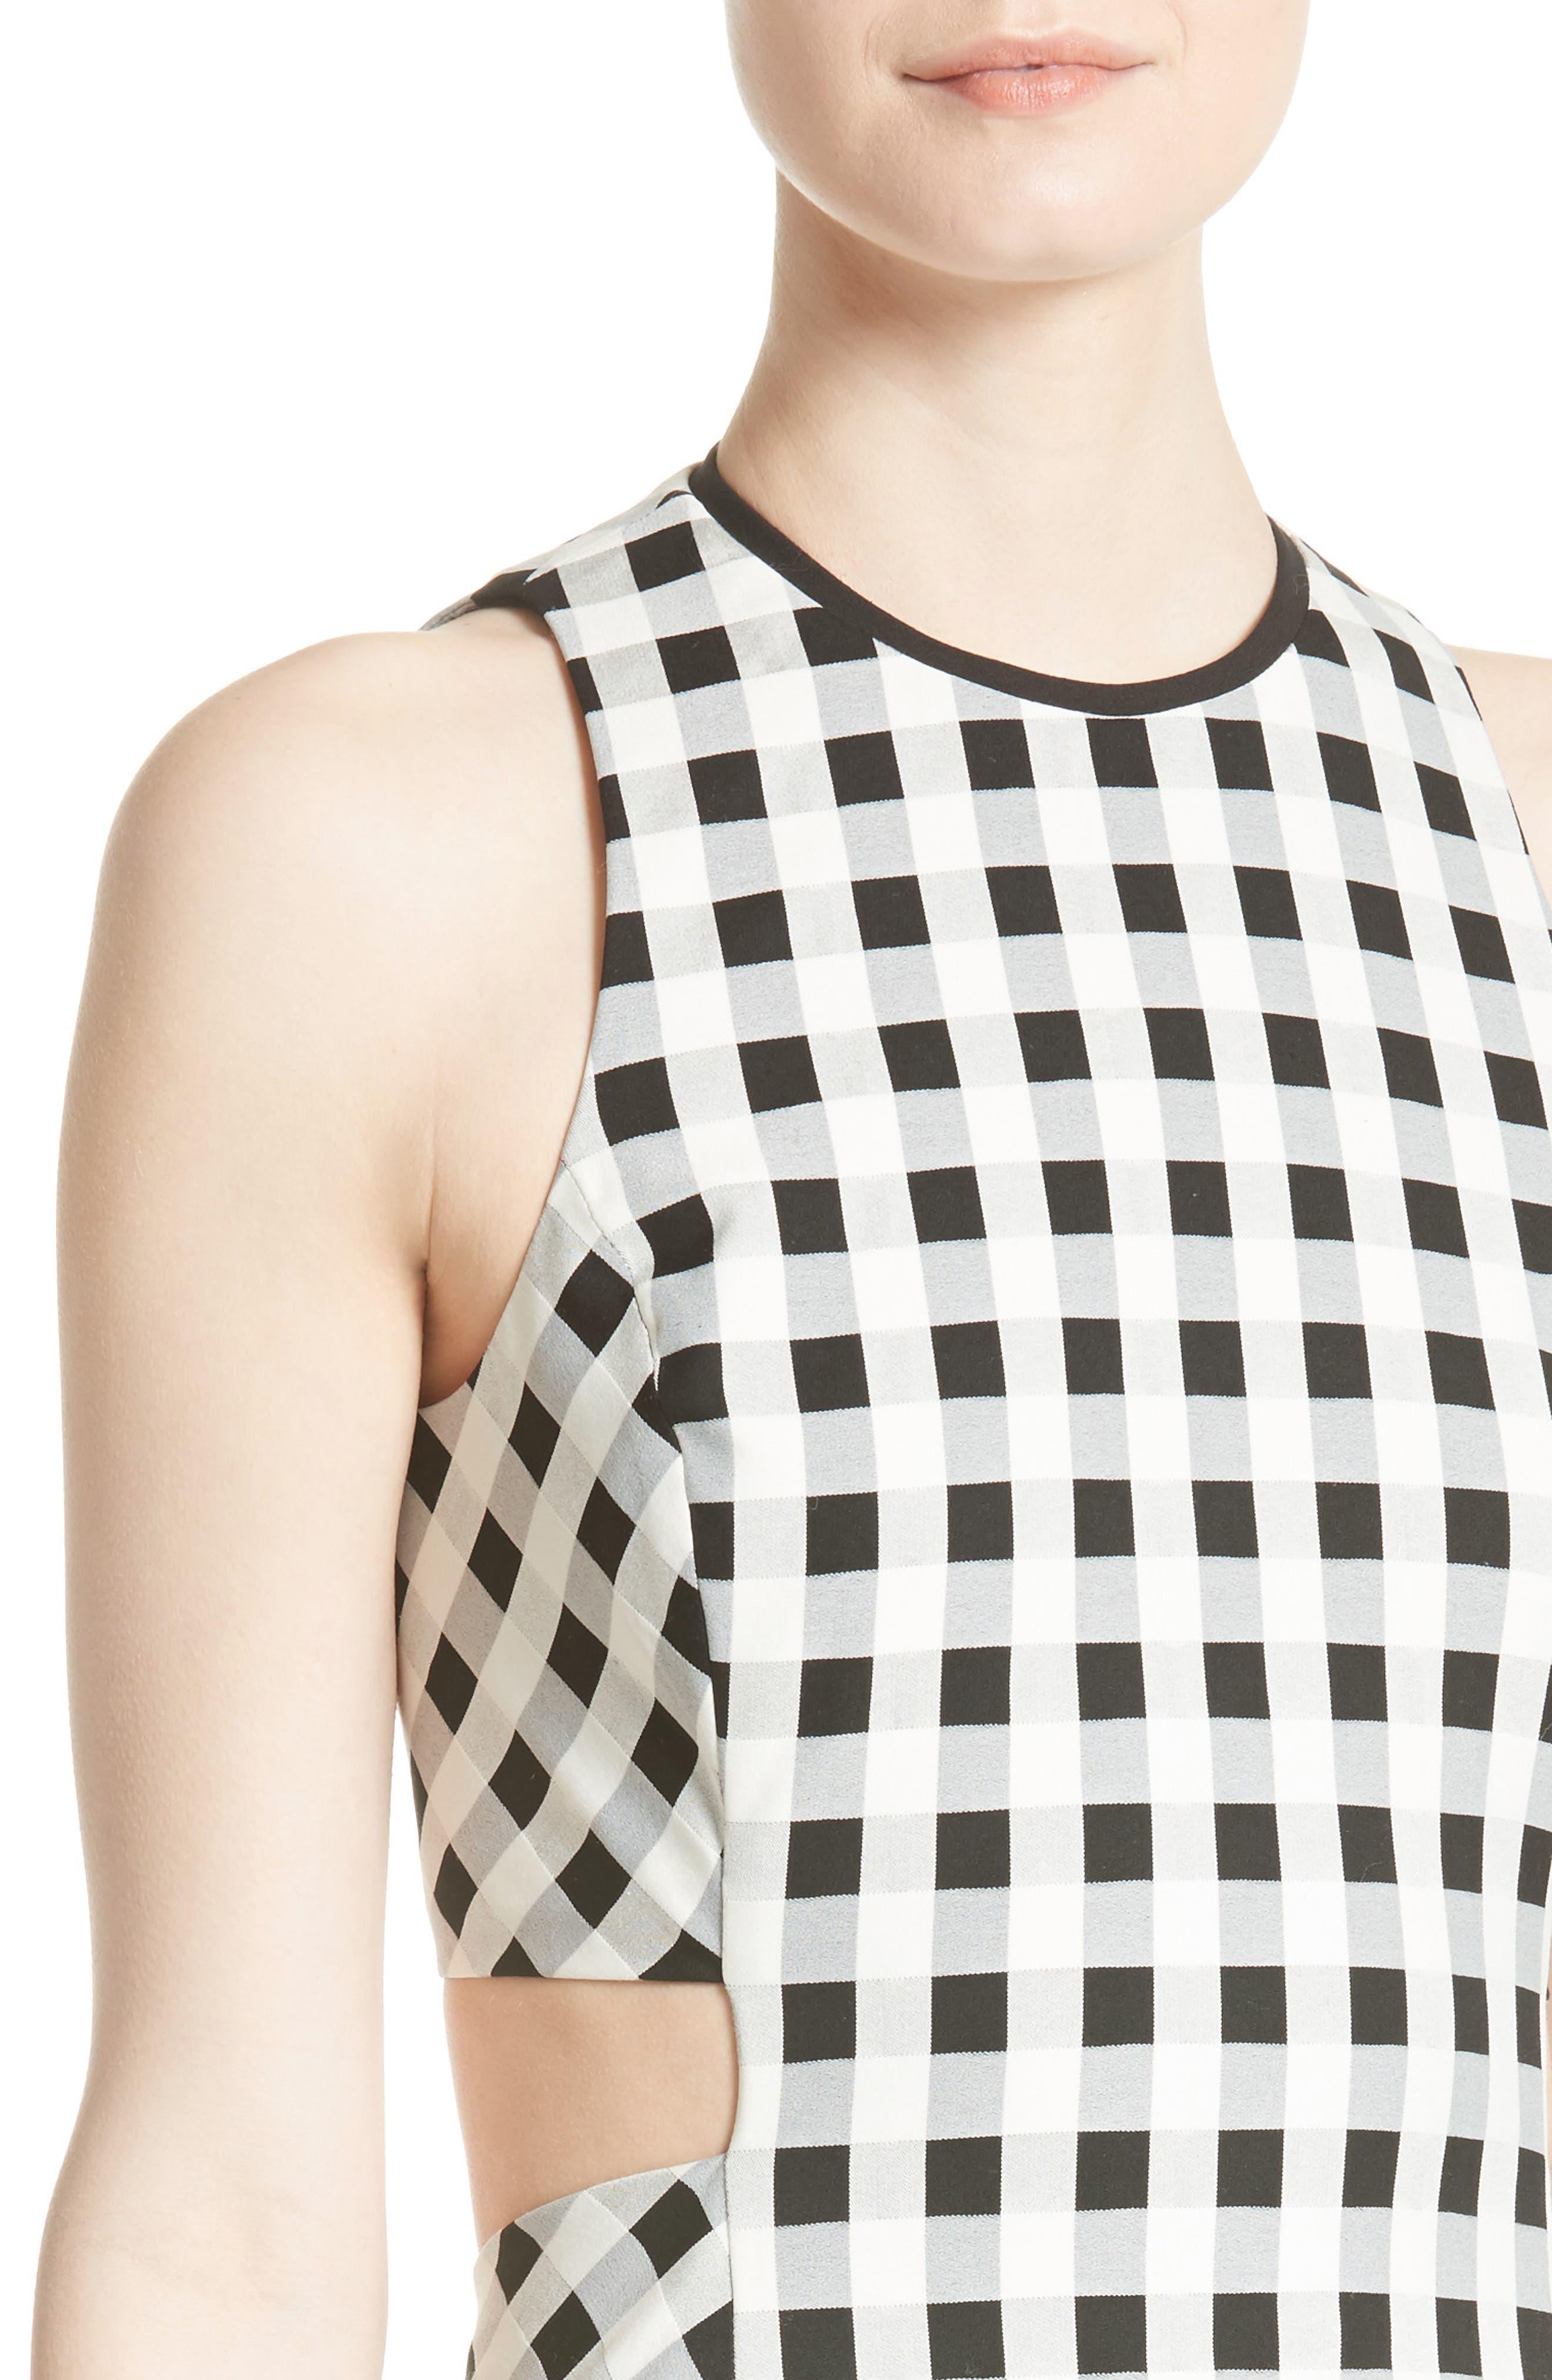 Tahoe Gingham Dress,                             Alternate thumbnail 4, color,                             Black/ White